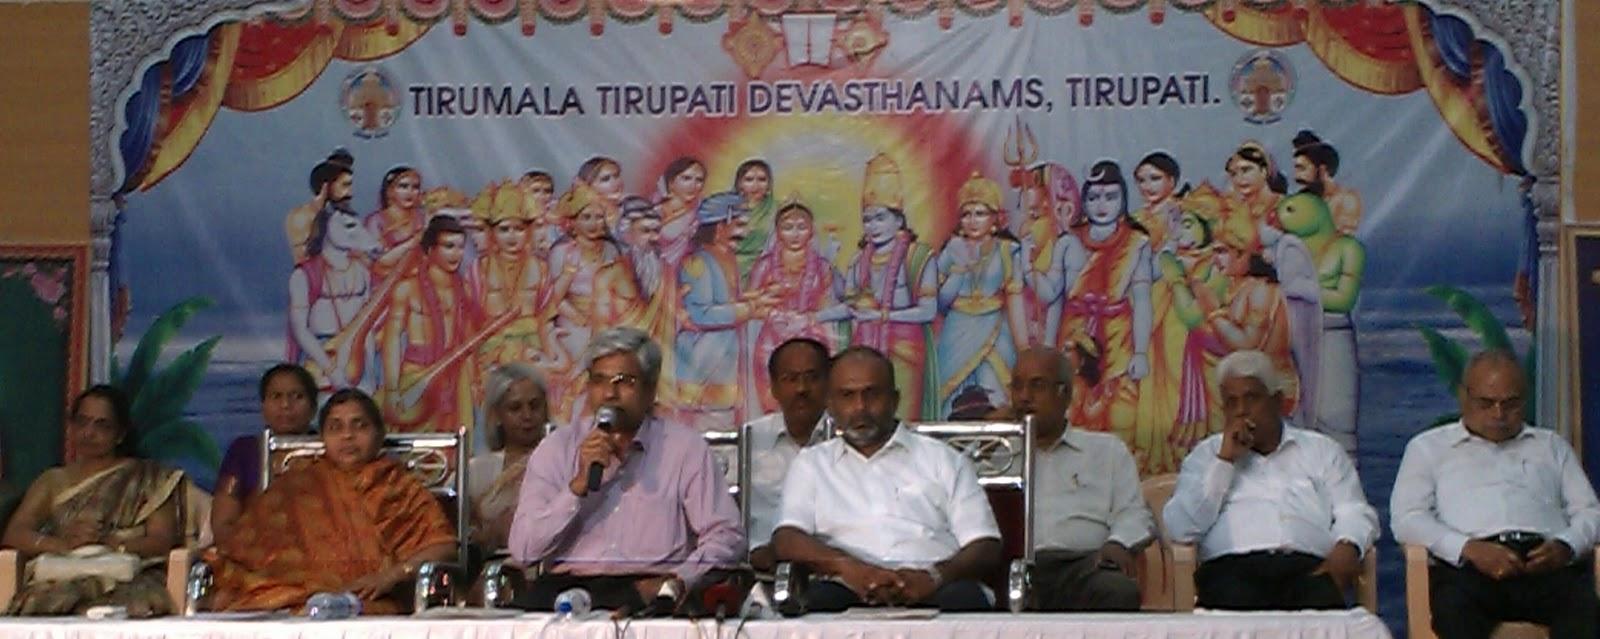 SHRAVANA MASA POOJAS AT TIRUPATI TEMPLE | THE BANGALORE TIMES